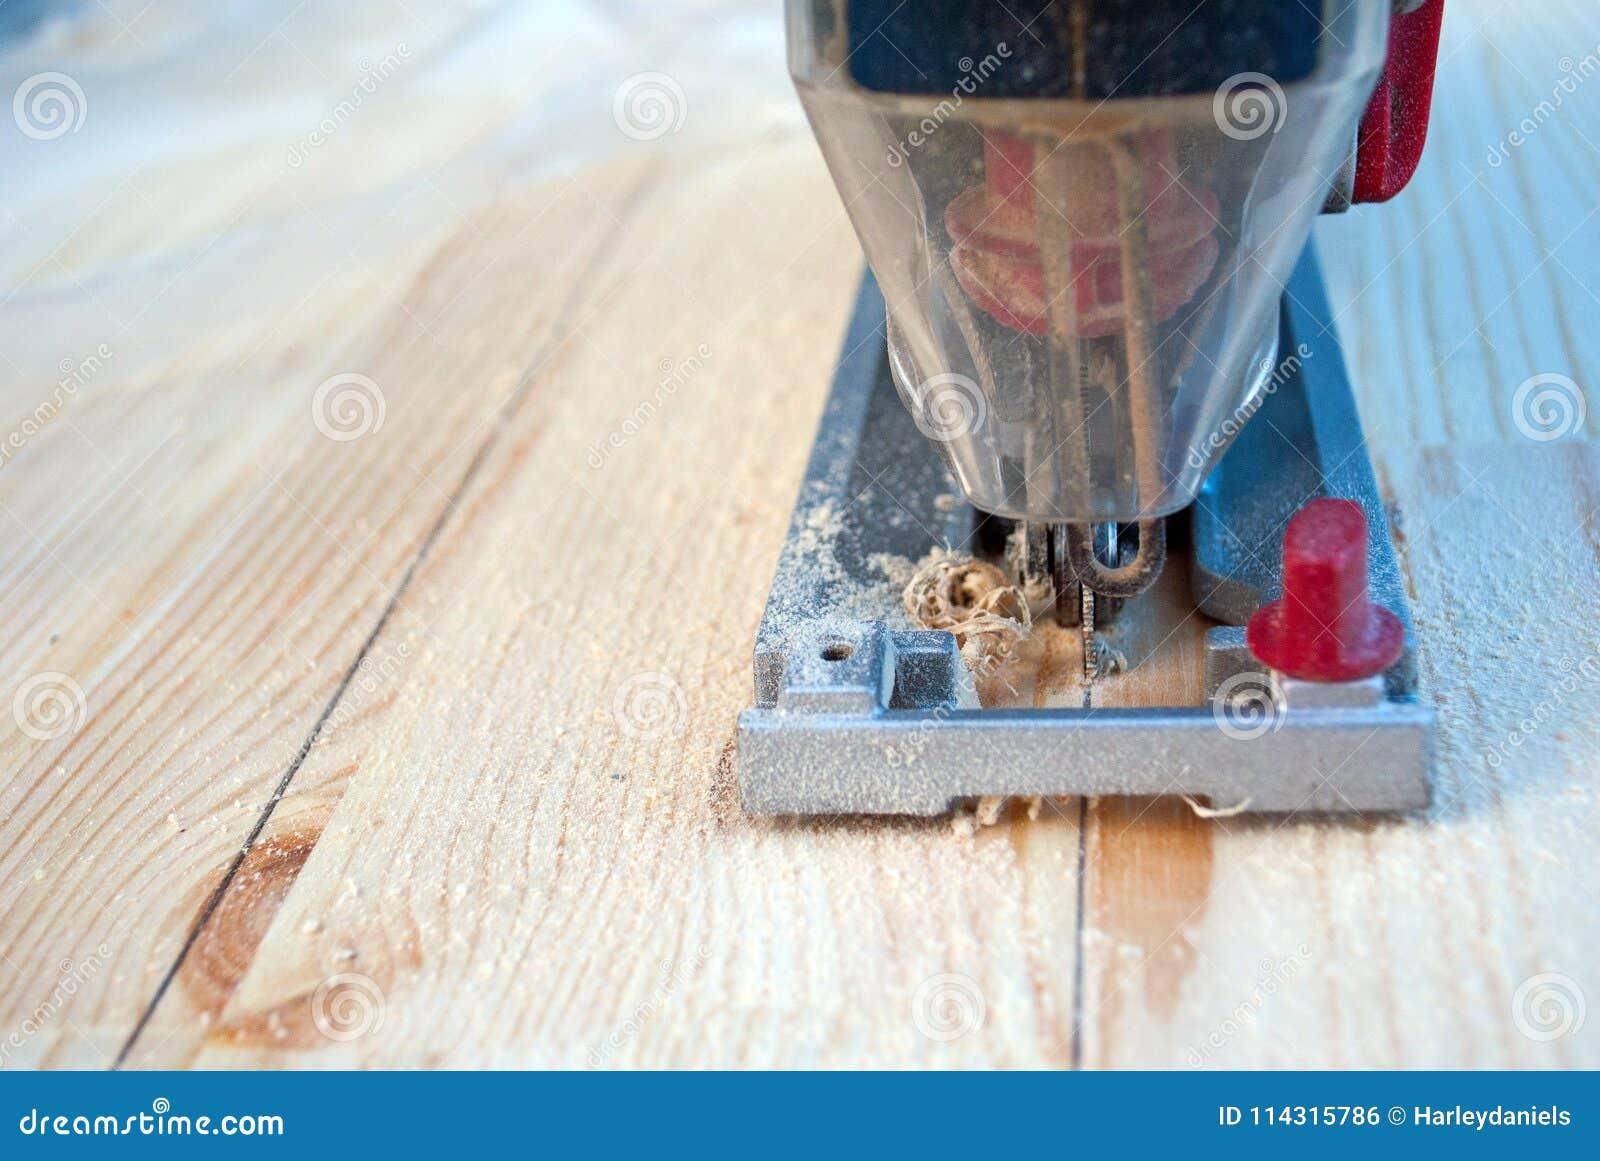 Madera del sawing con un rompecabezas